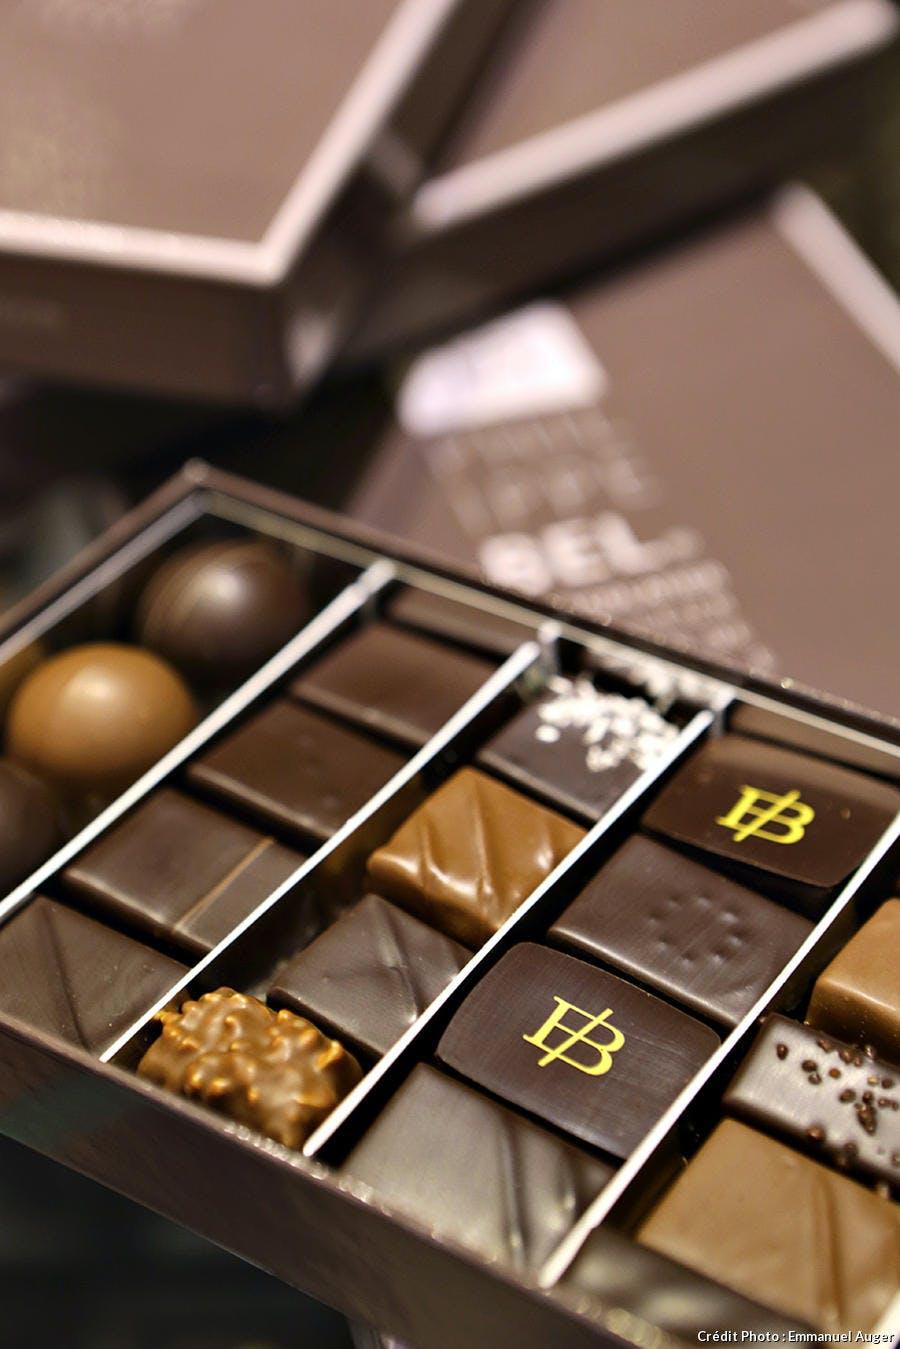 bel chocolatier